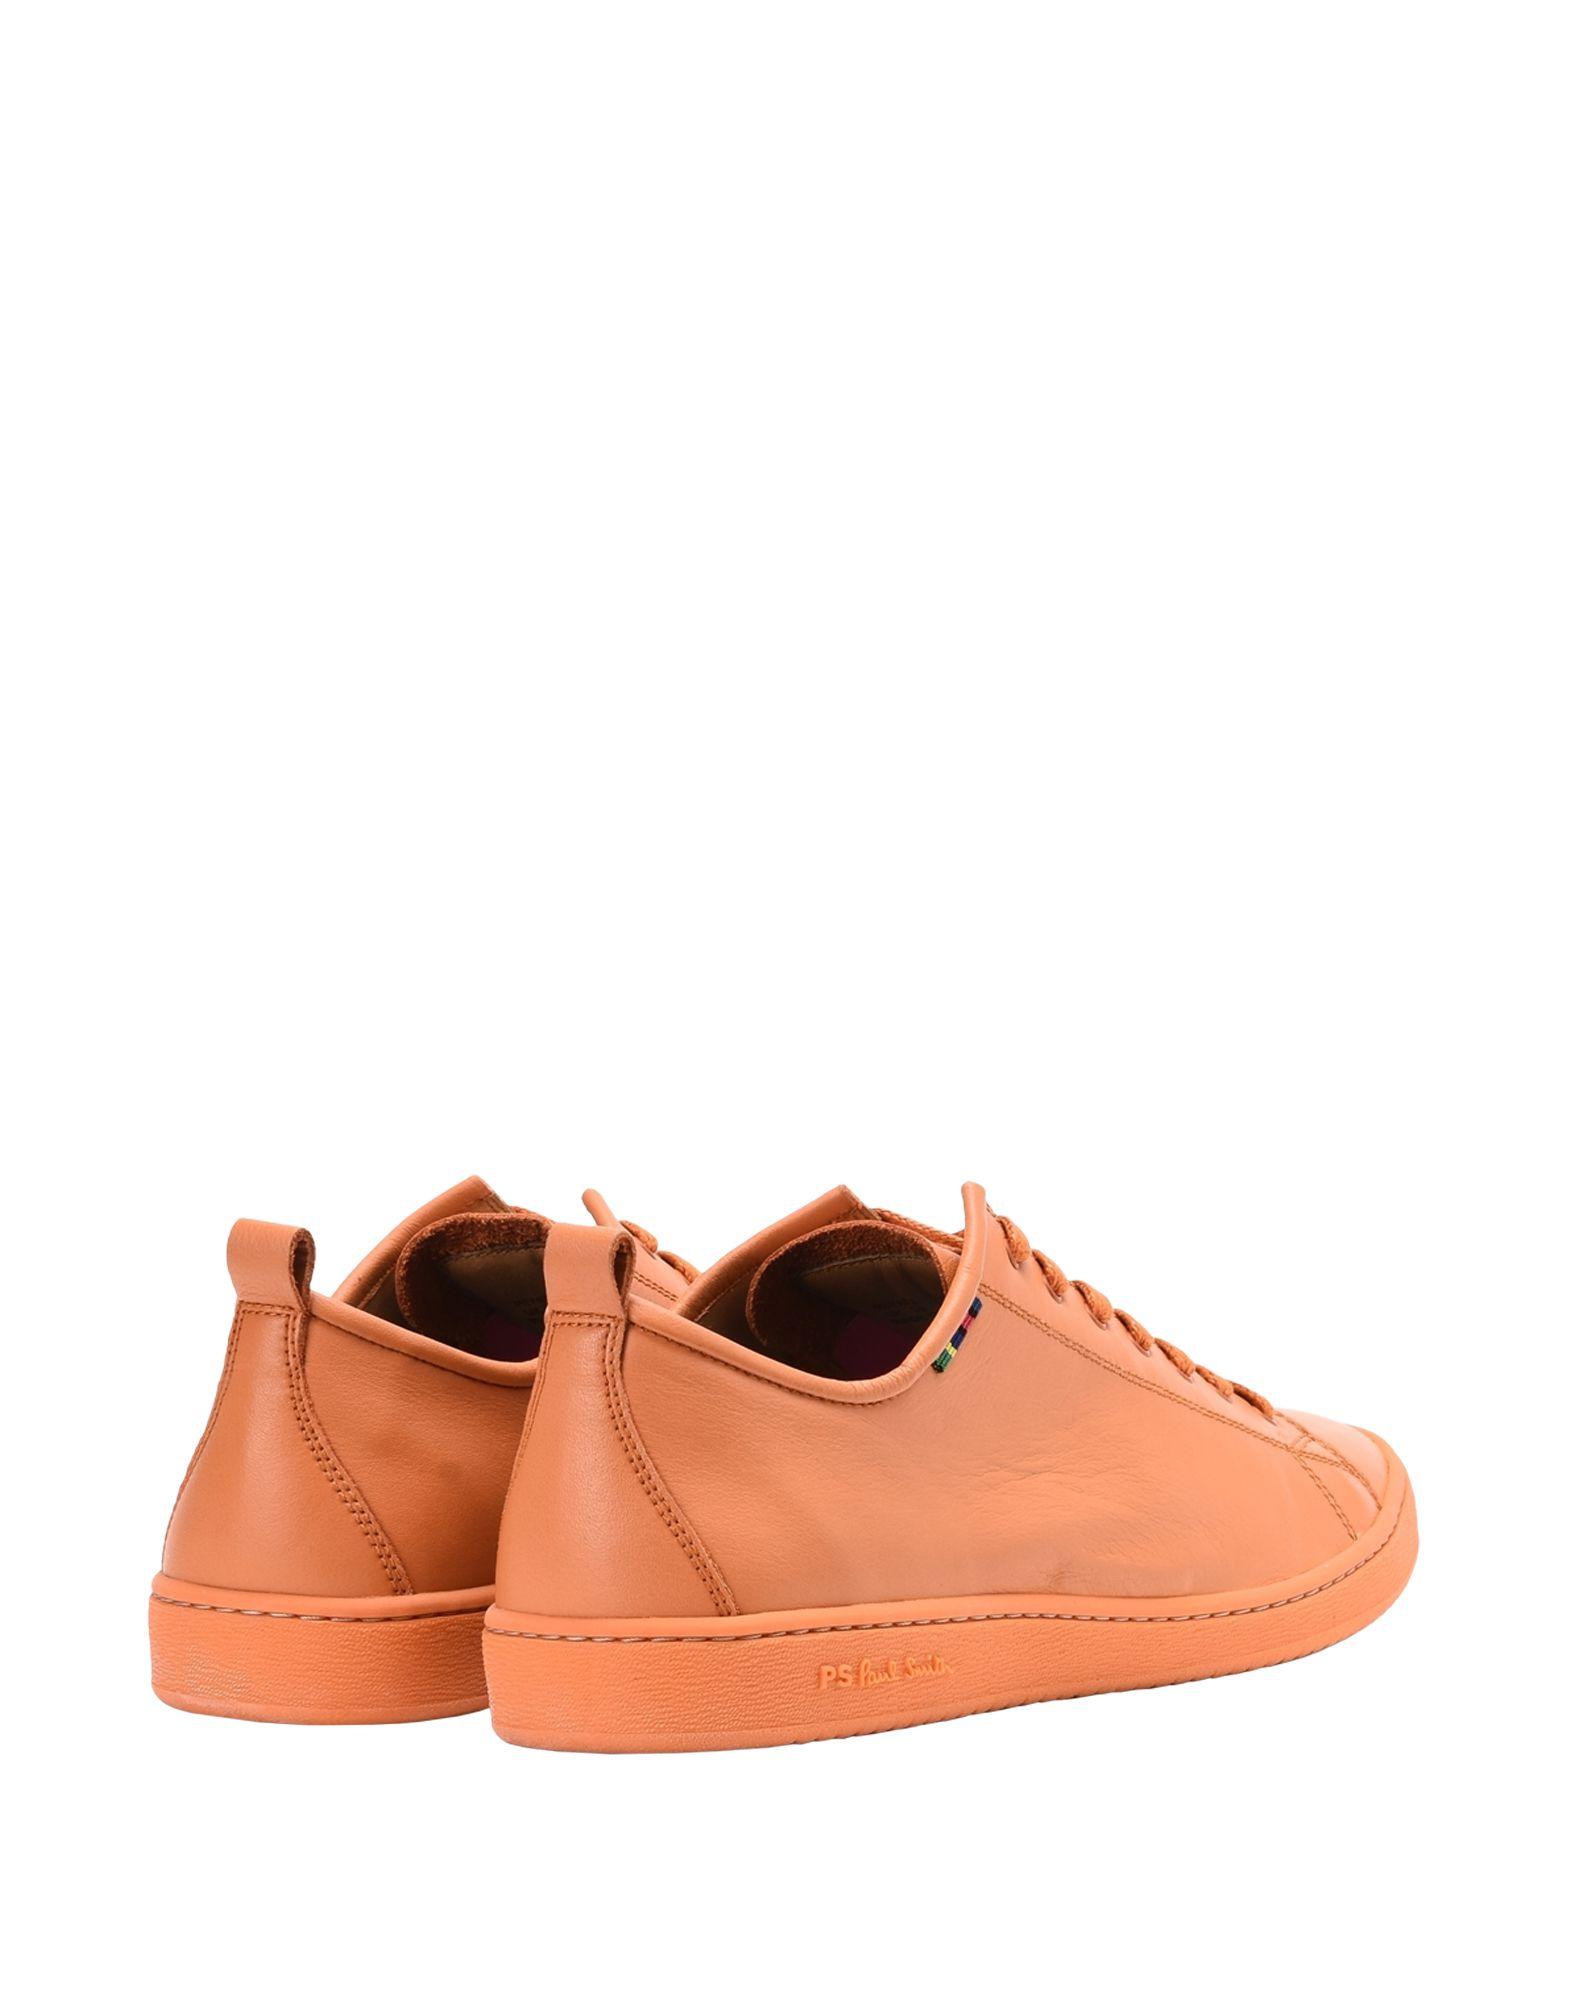 Ps By Paul Smith   Herren Schuhe Miyata Orange sich Gutes Preis-Leistungs-Verhältnis, es lohnt sich Orange 7858 ca9512